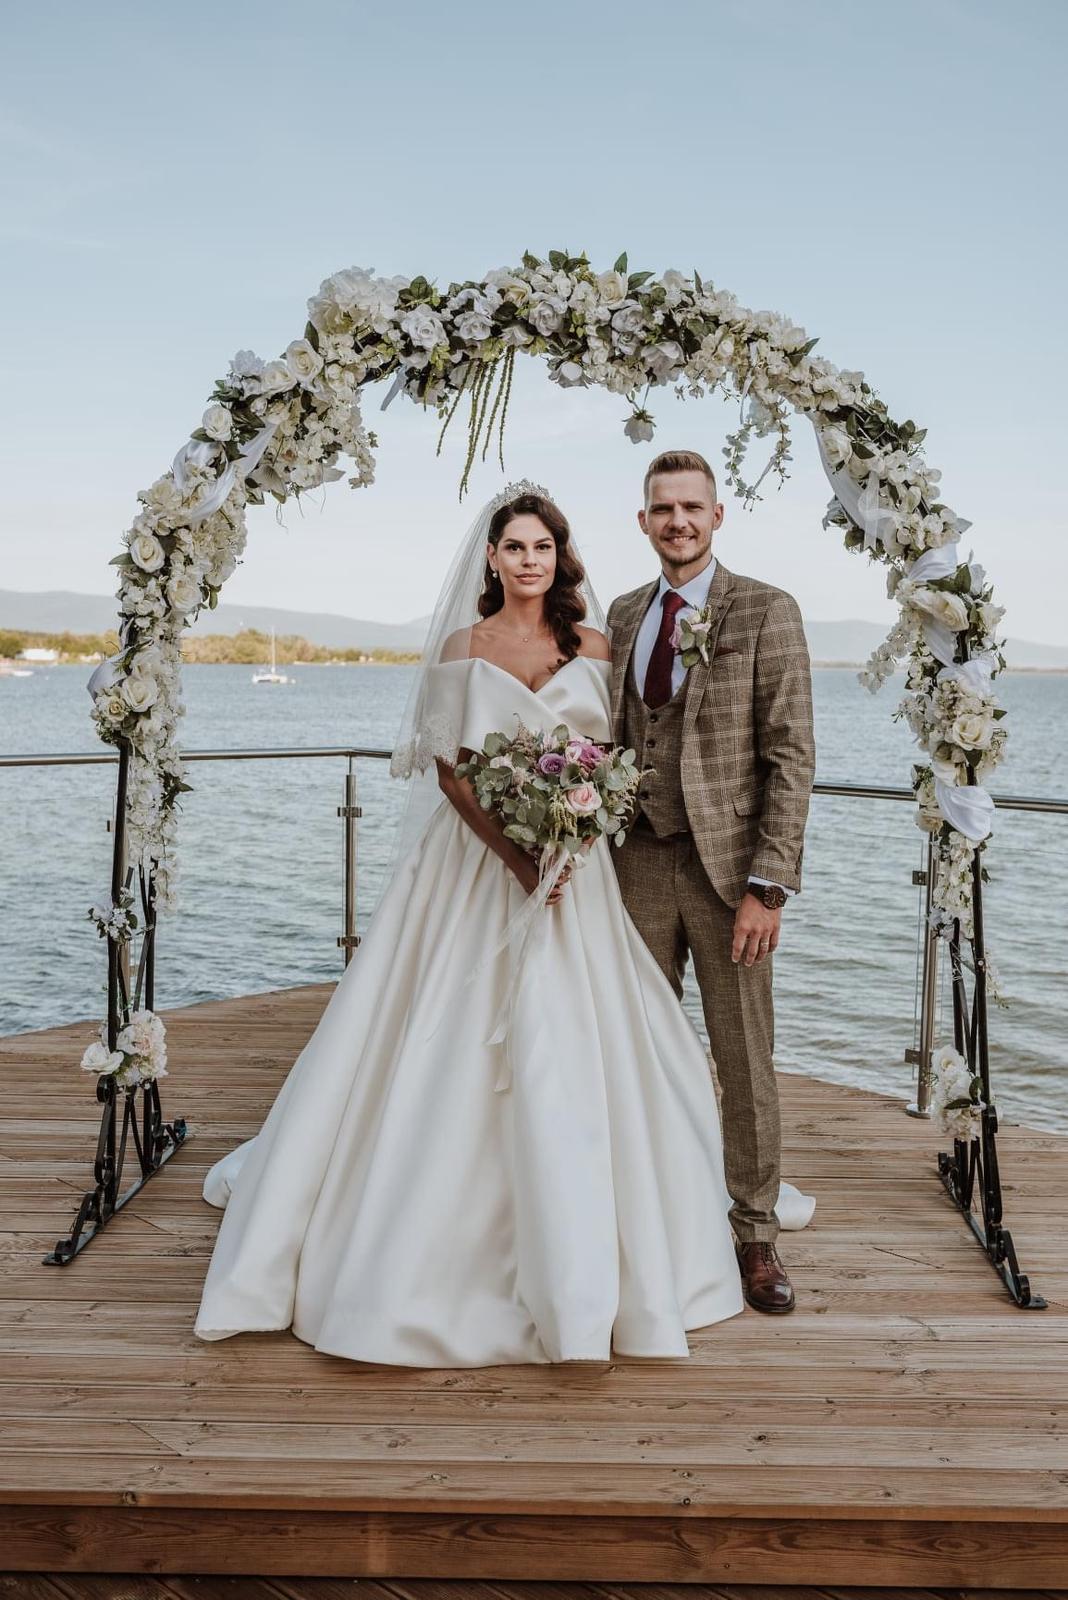 predám svadobné šaty Eva Lendel - Obrázok č. 3